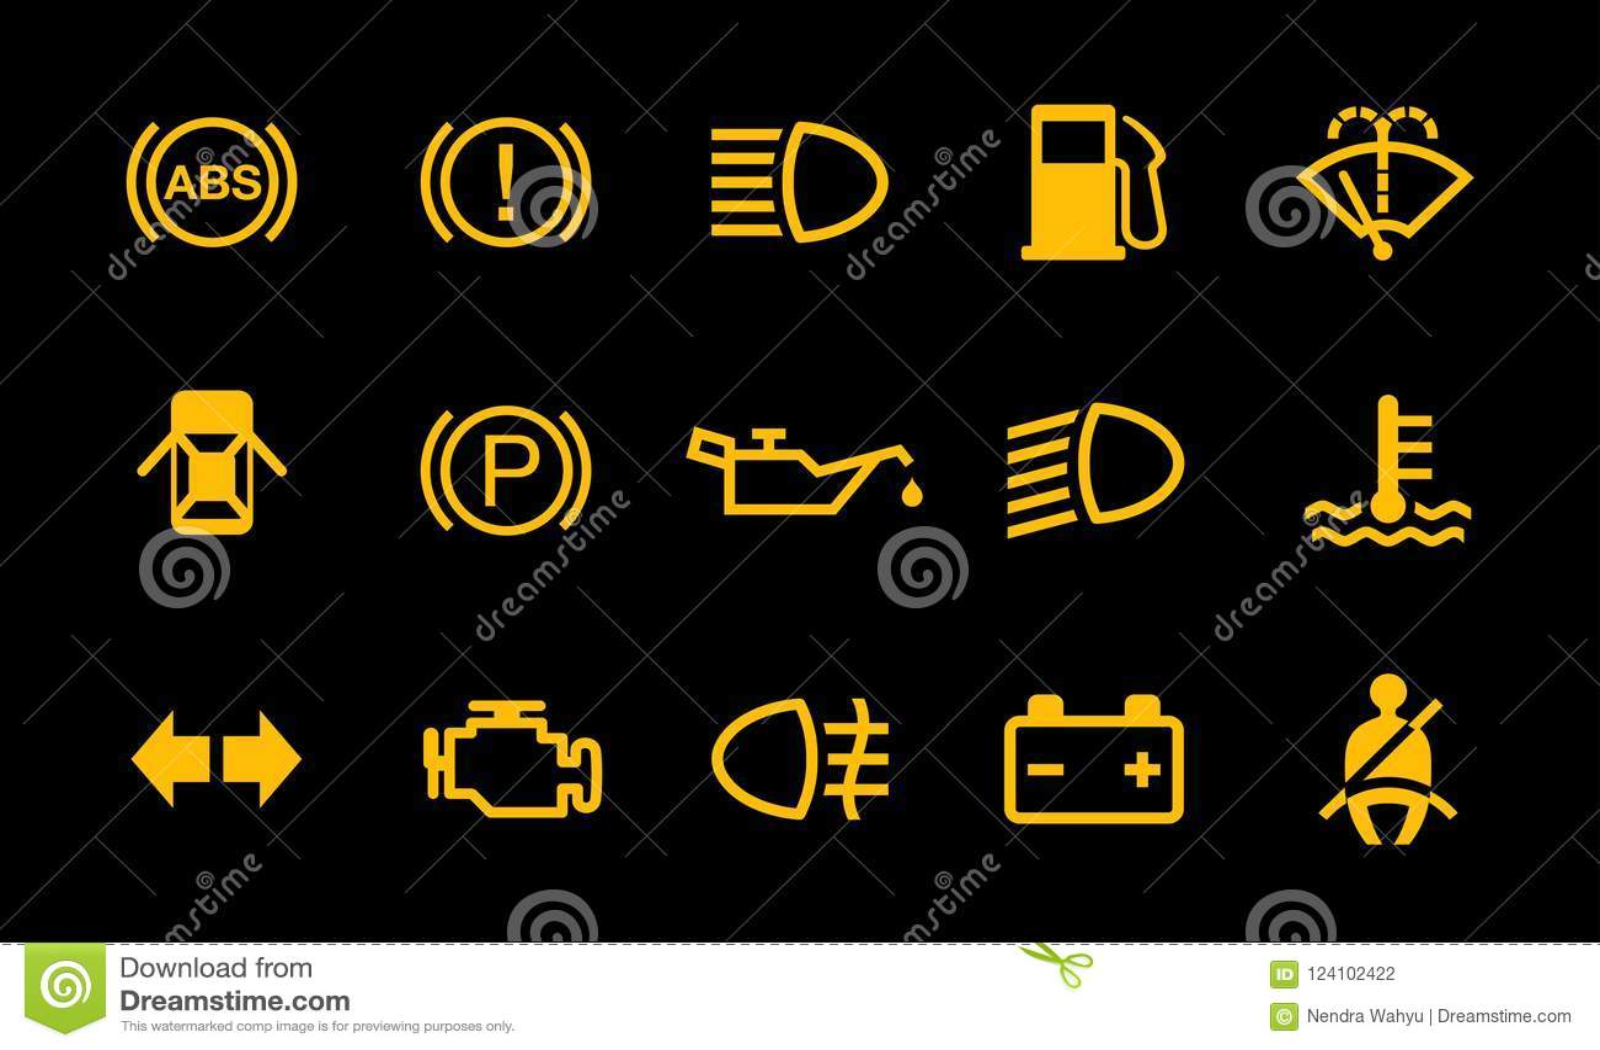 Van de het Tekenindicator van het autodashboard het Systeemsymbolen